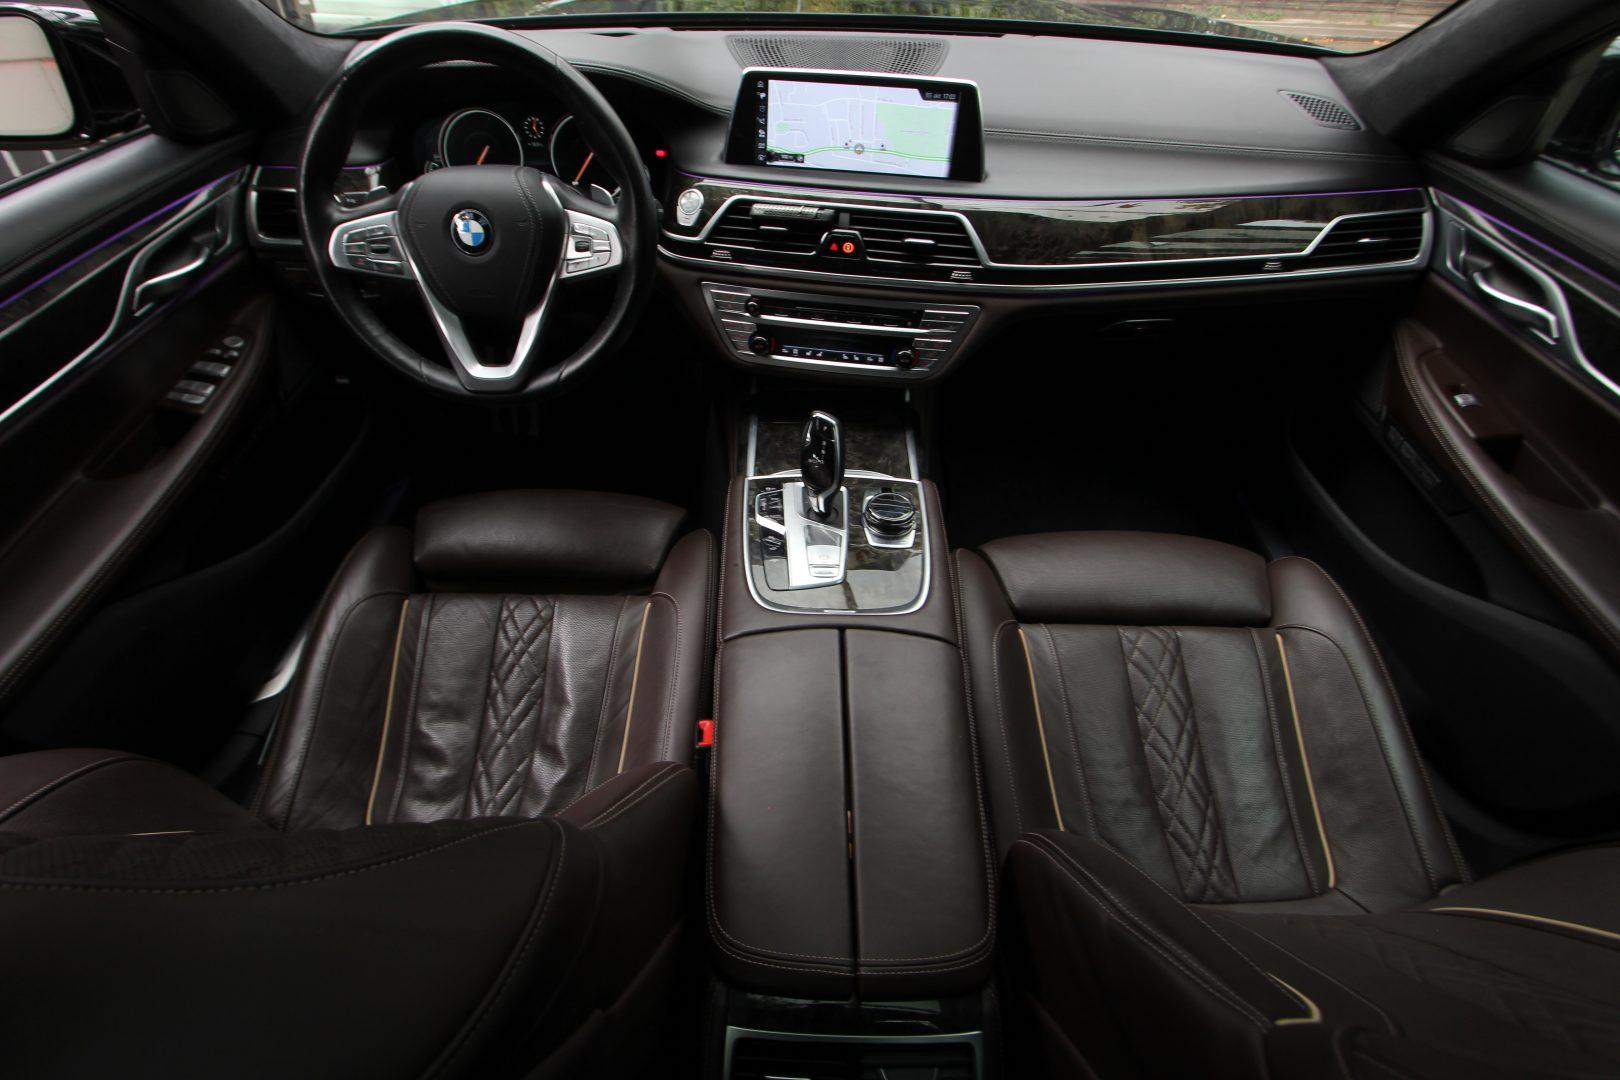 AIL BMW 750Ld xDrive M-Paket  13